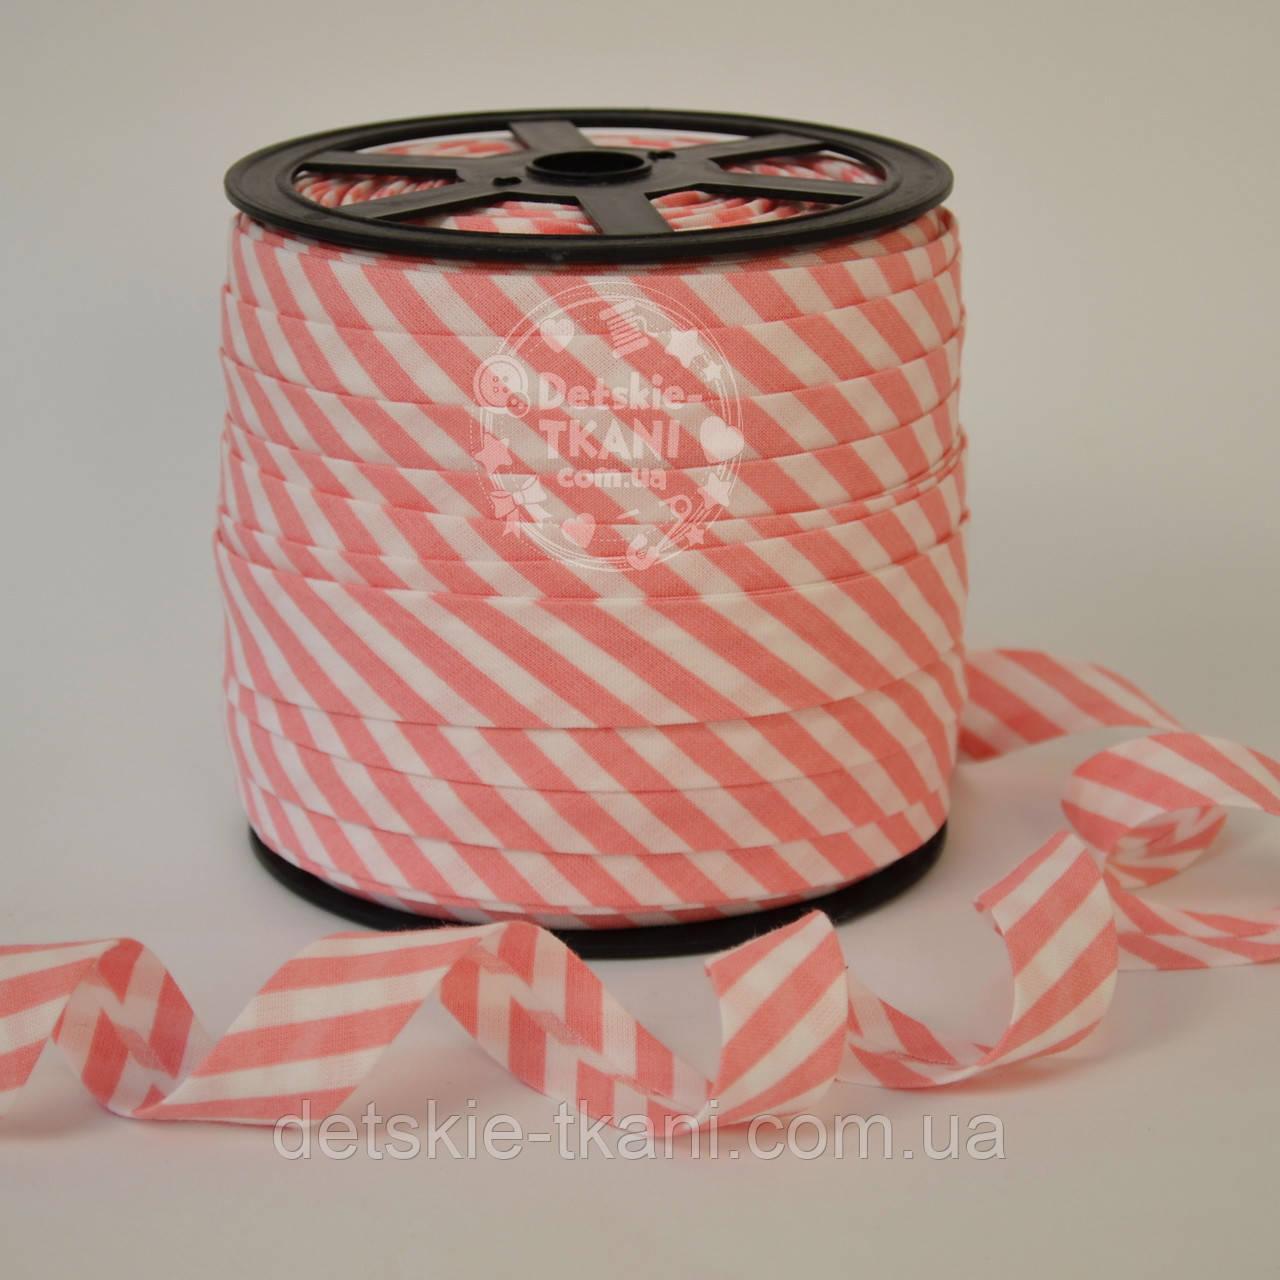 Косая бейка из хлопка с бледно-розовой полоской 5 мм для окантовки